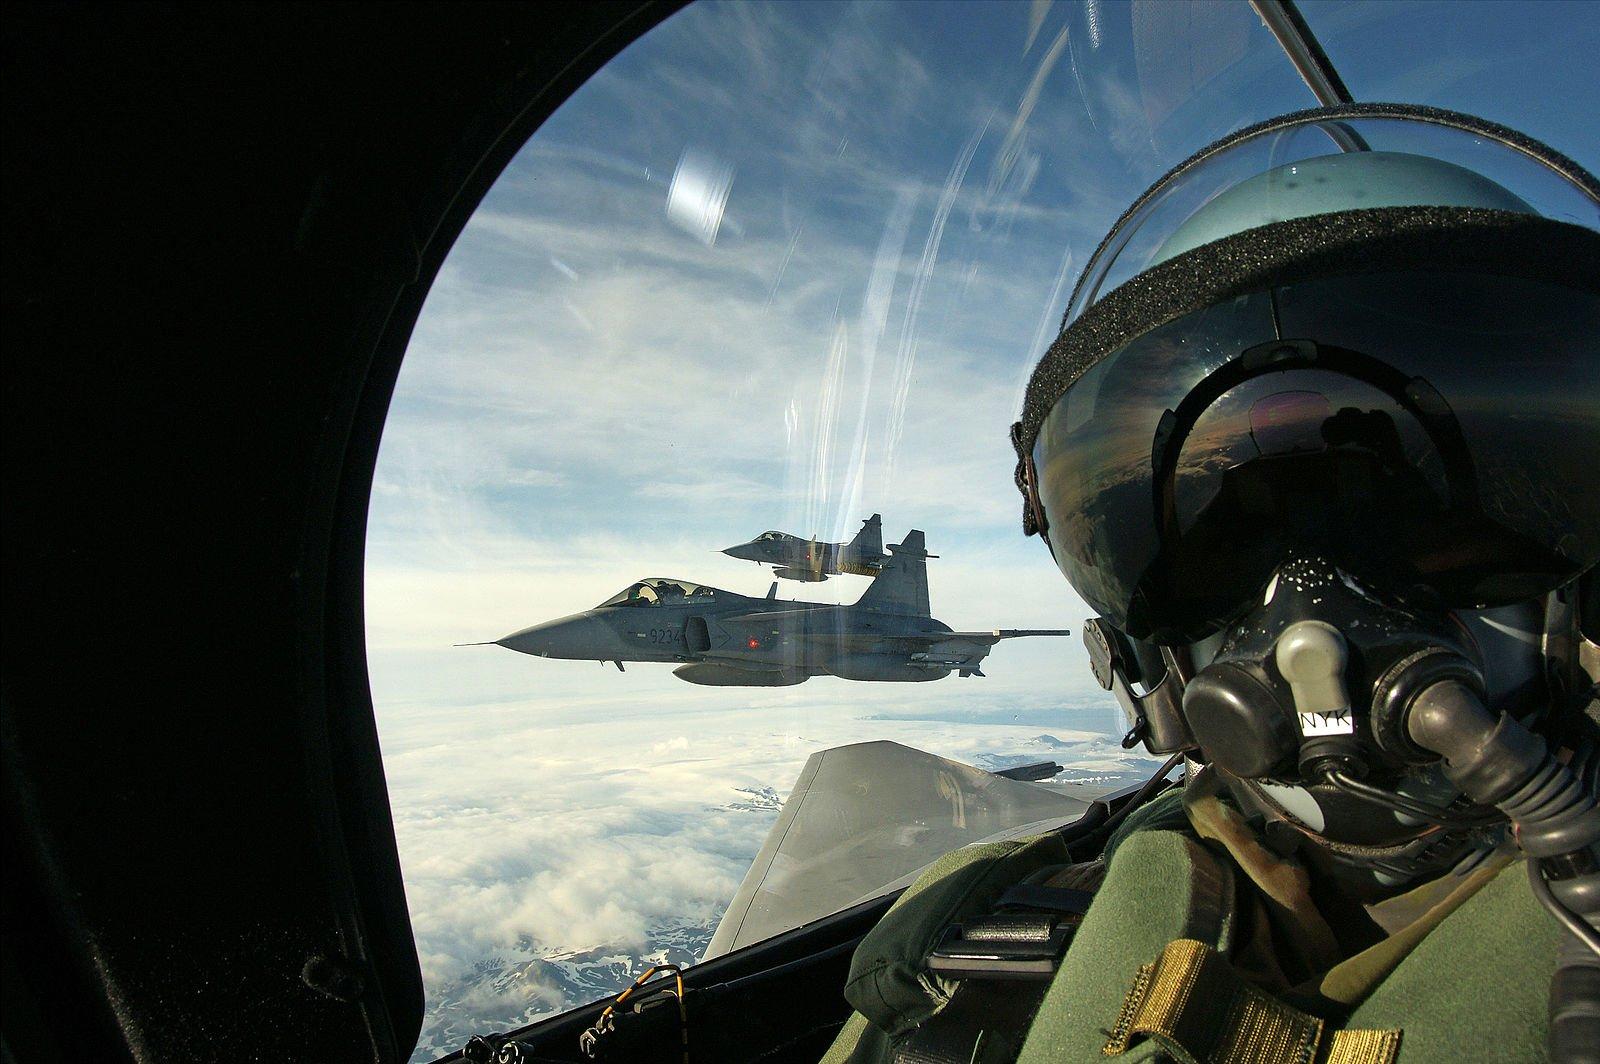 Selfie_in_a_Czech_Saab_Gripen_as_it_patrols_Icelandic_airspace